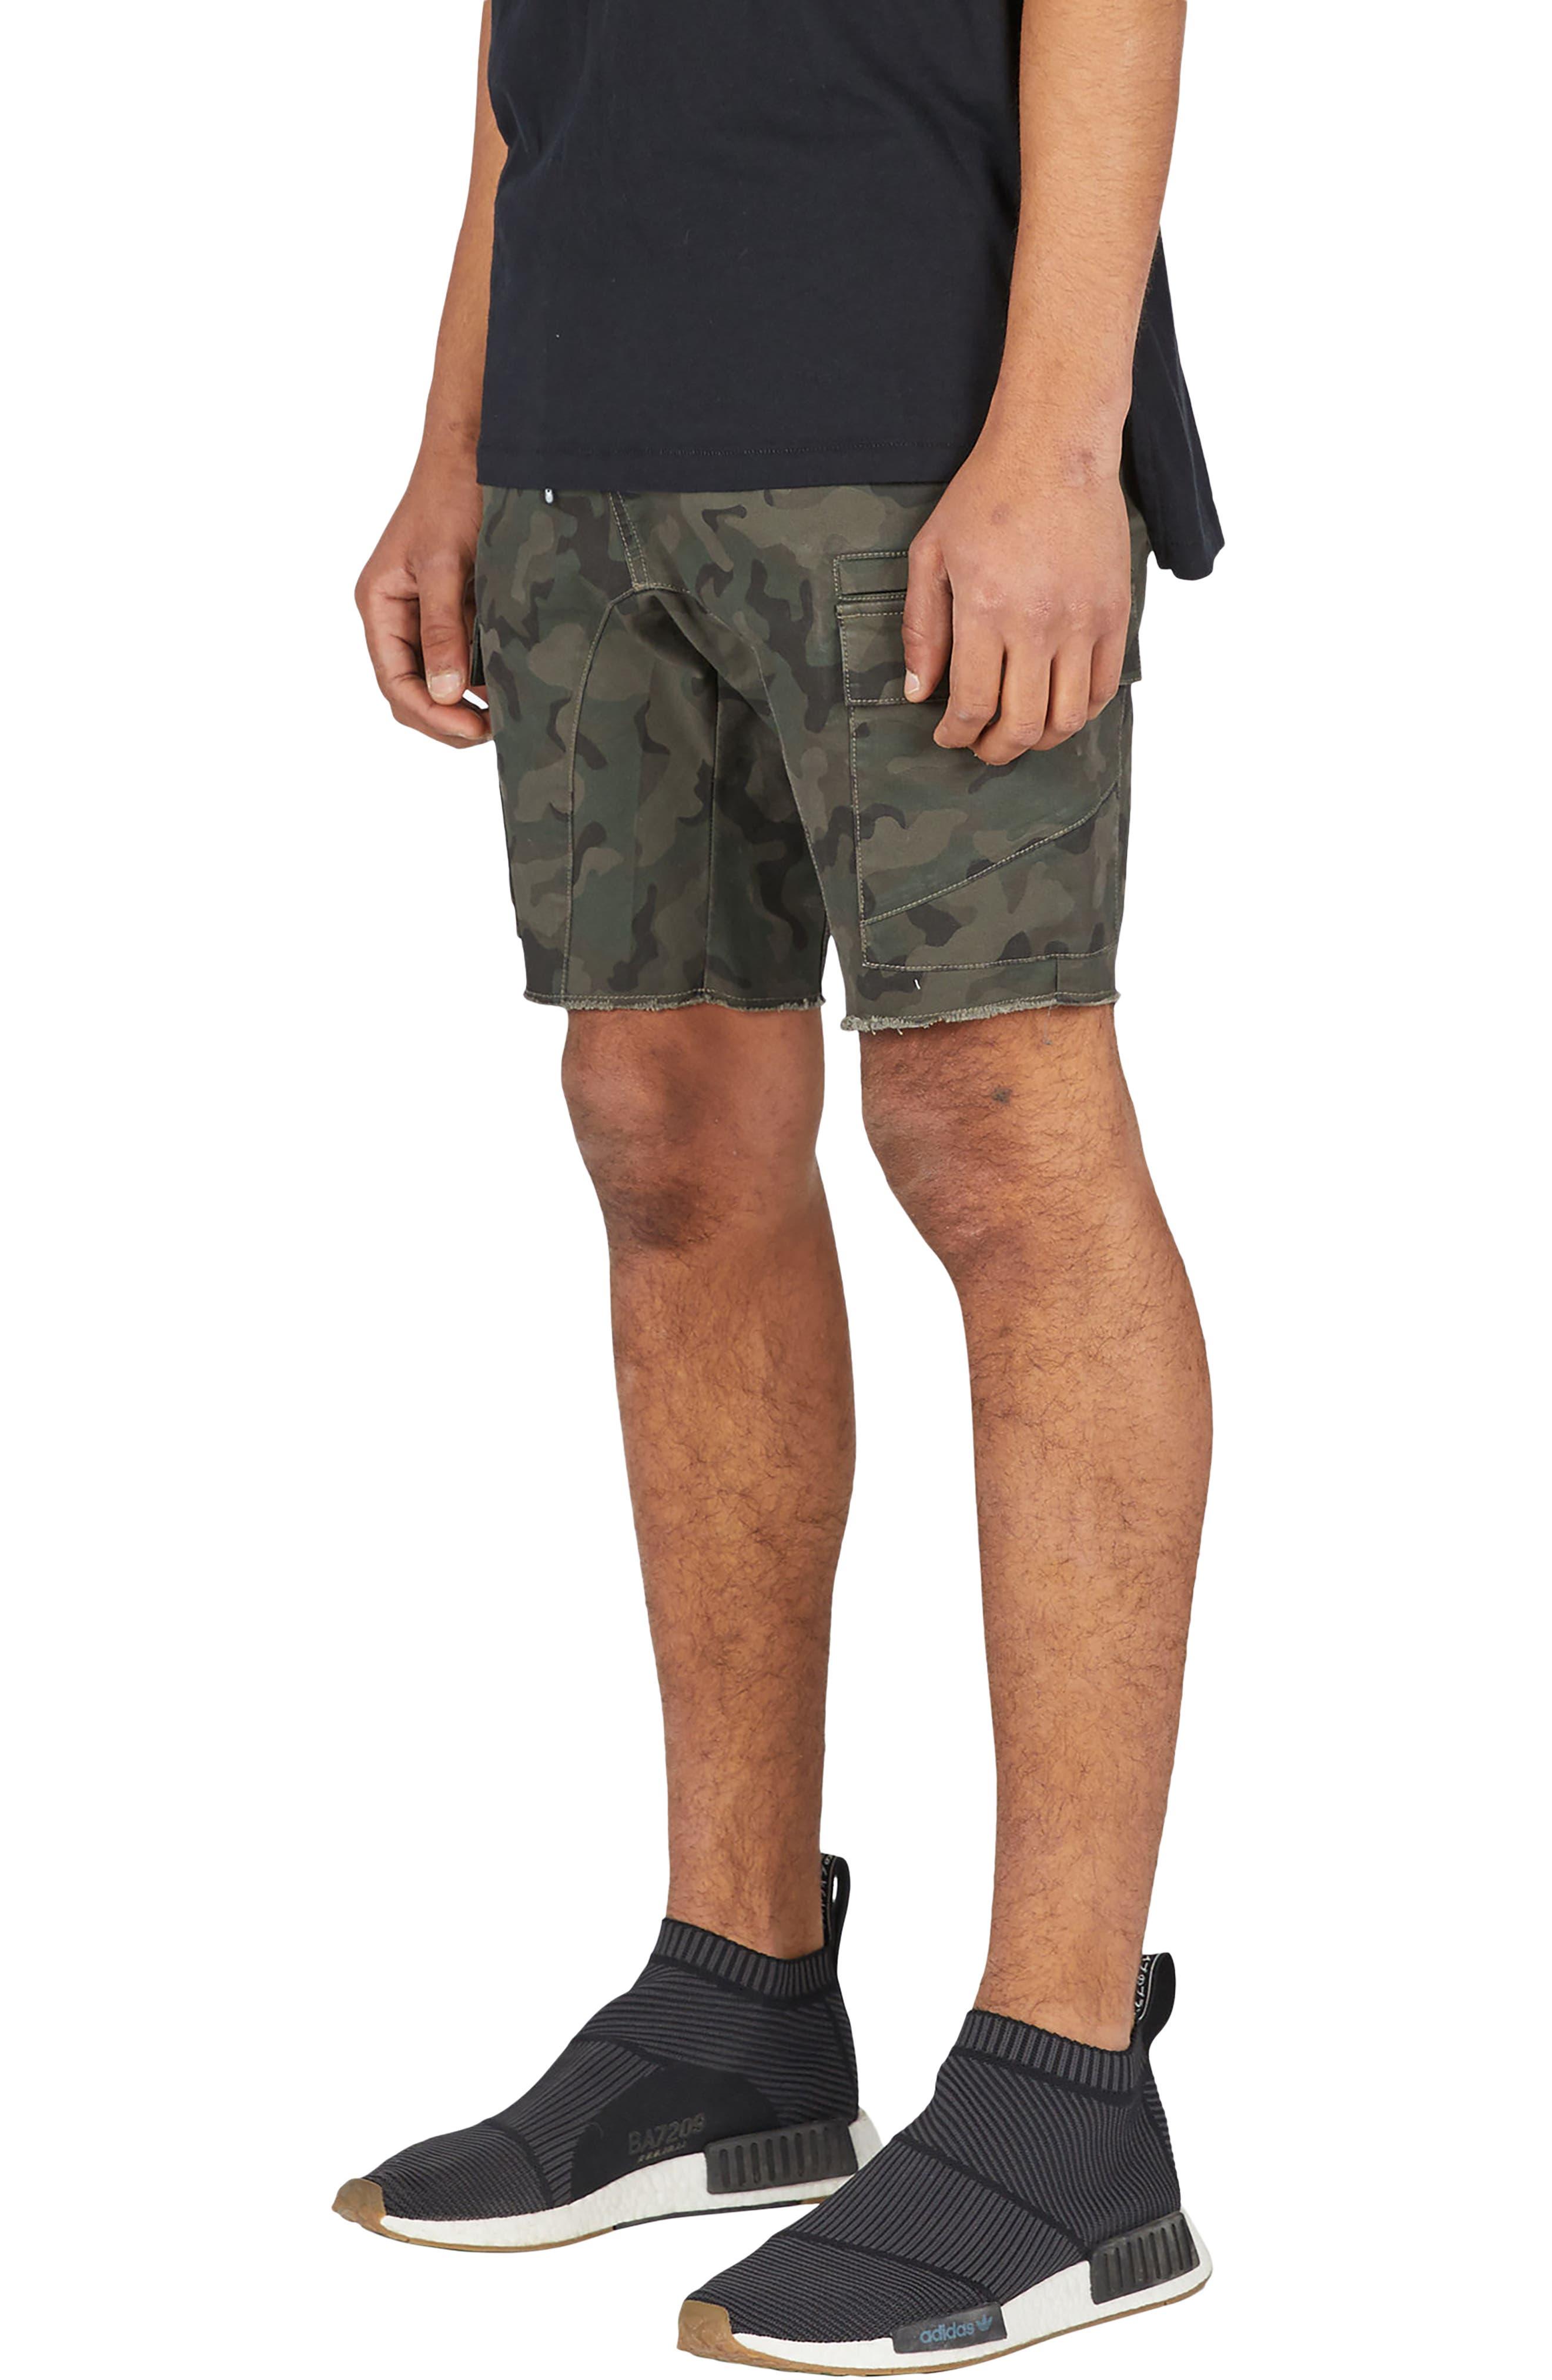 Sureshot Camo Cargo Shorts,                             Alternate thumbnail 4, color,                             Camo